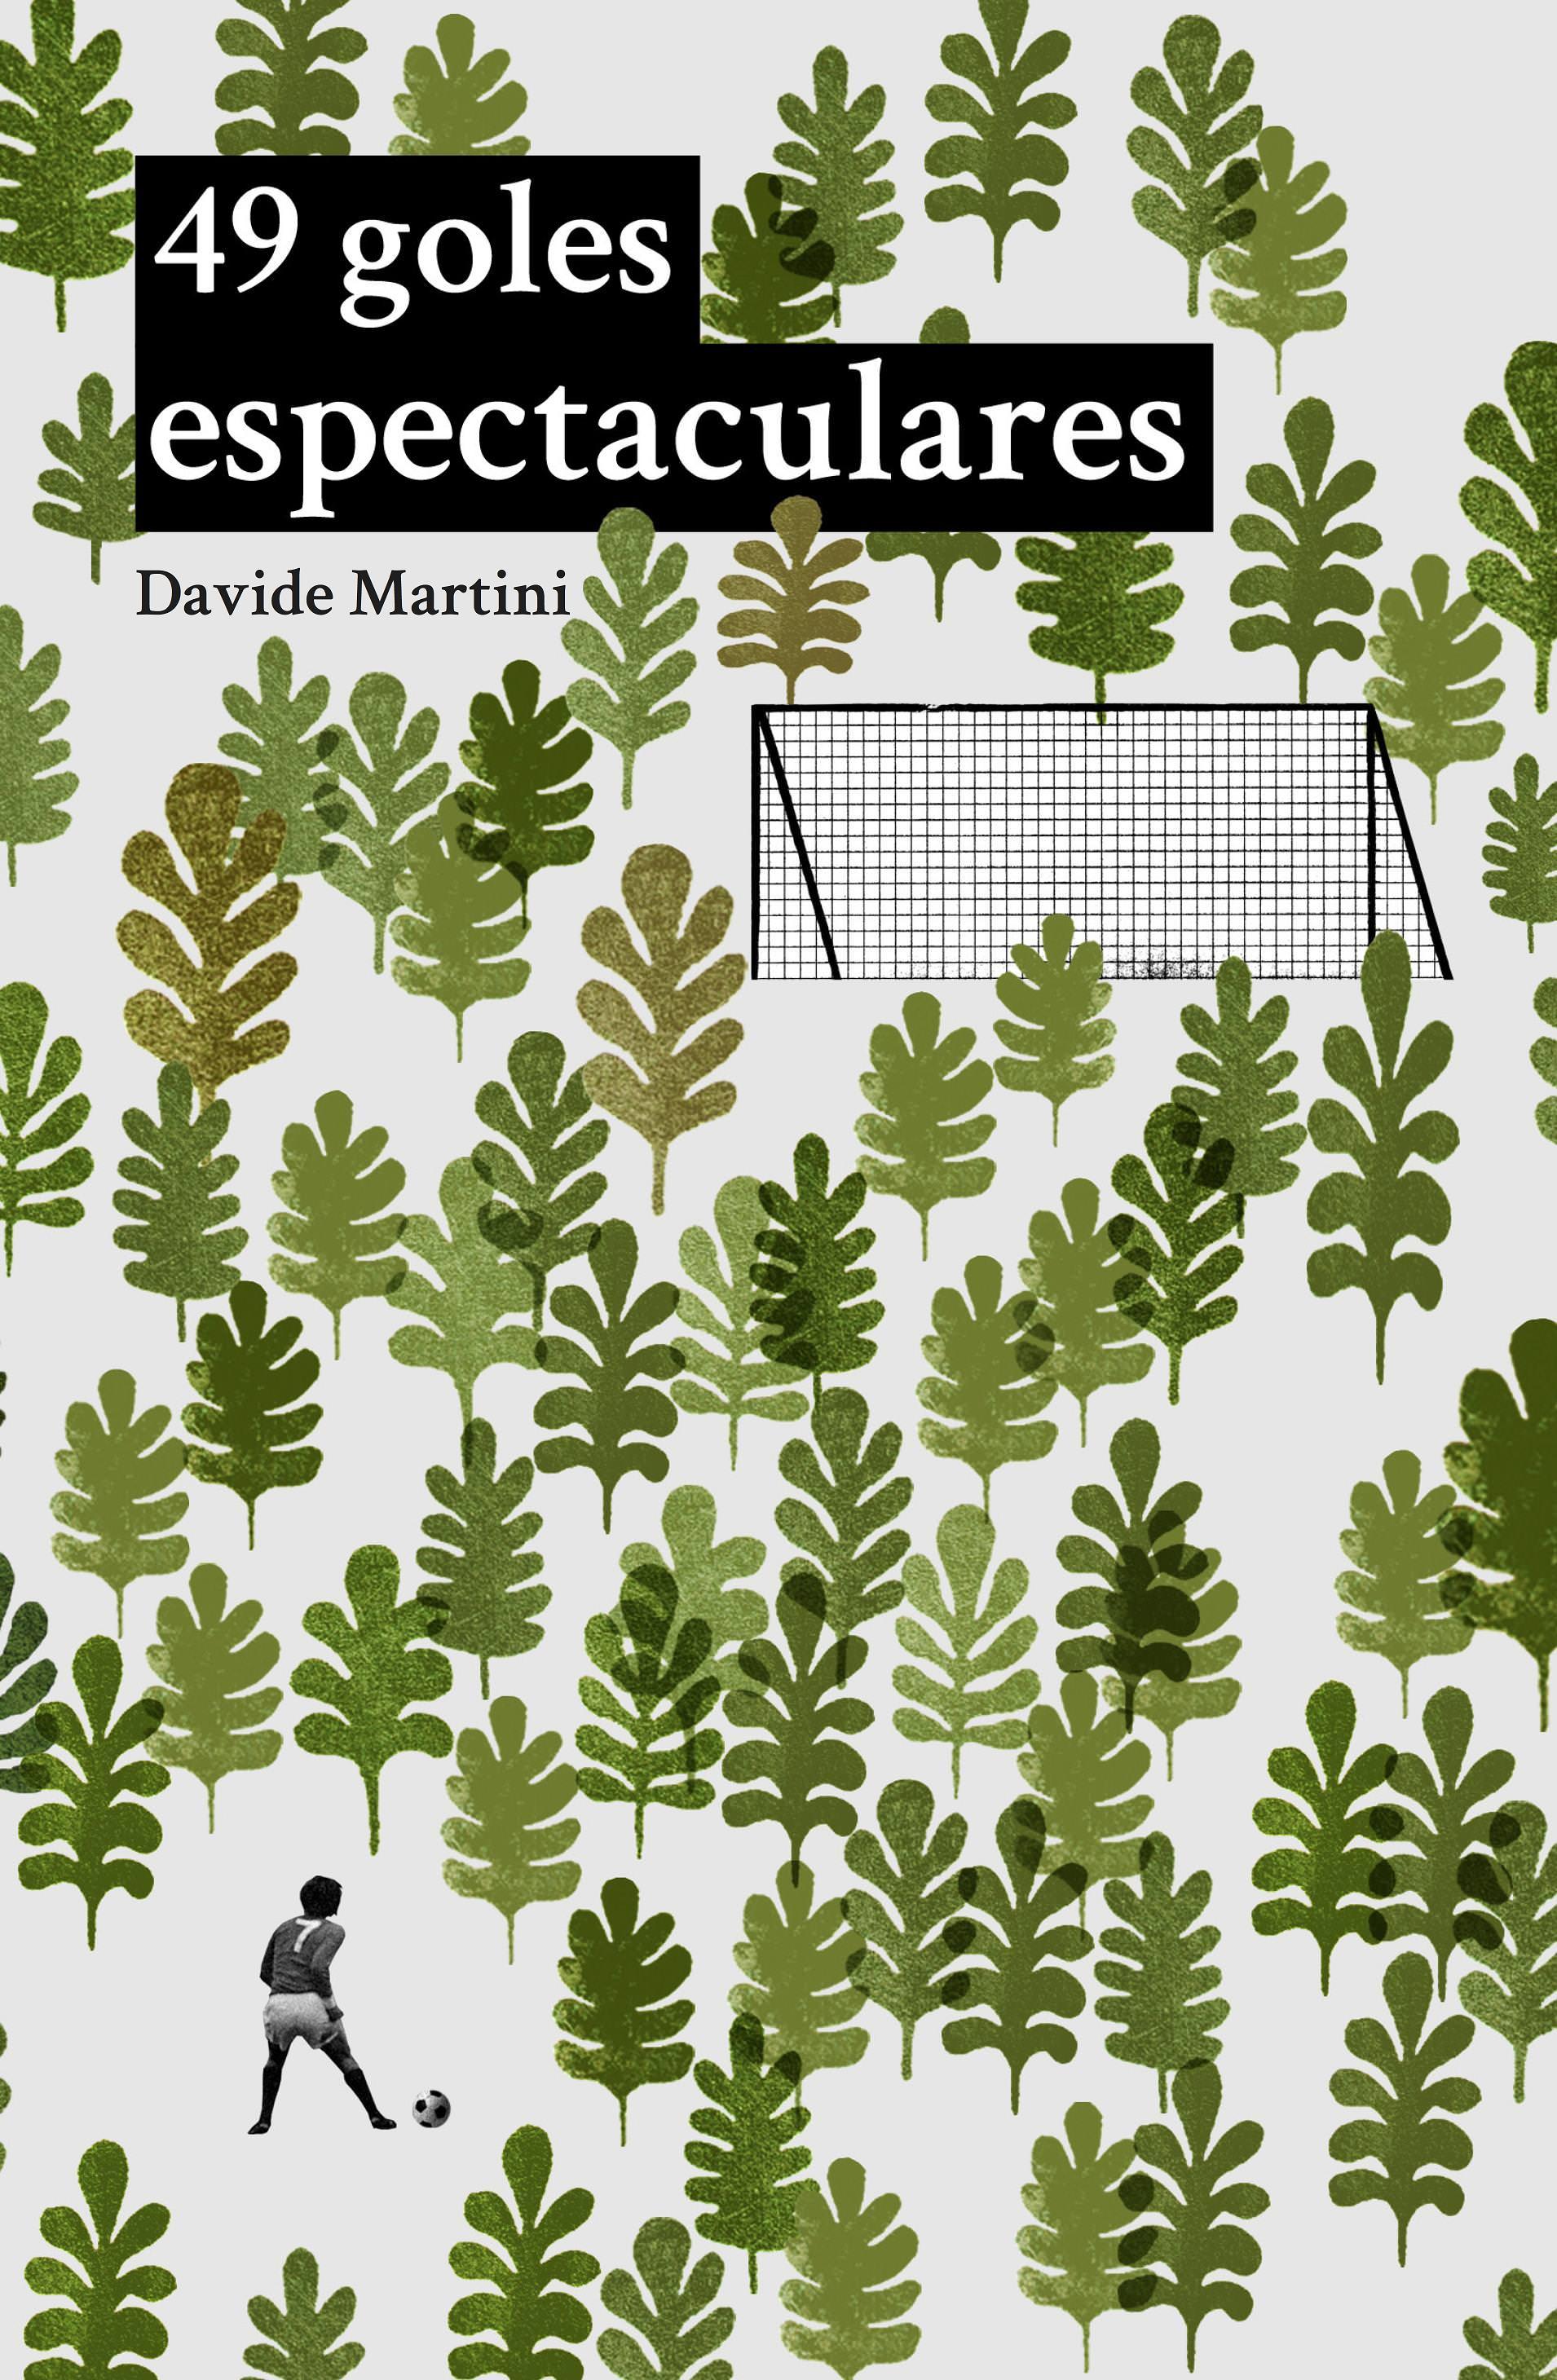 guia_LGBTI_llibre_49-goles-espectaculares